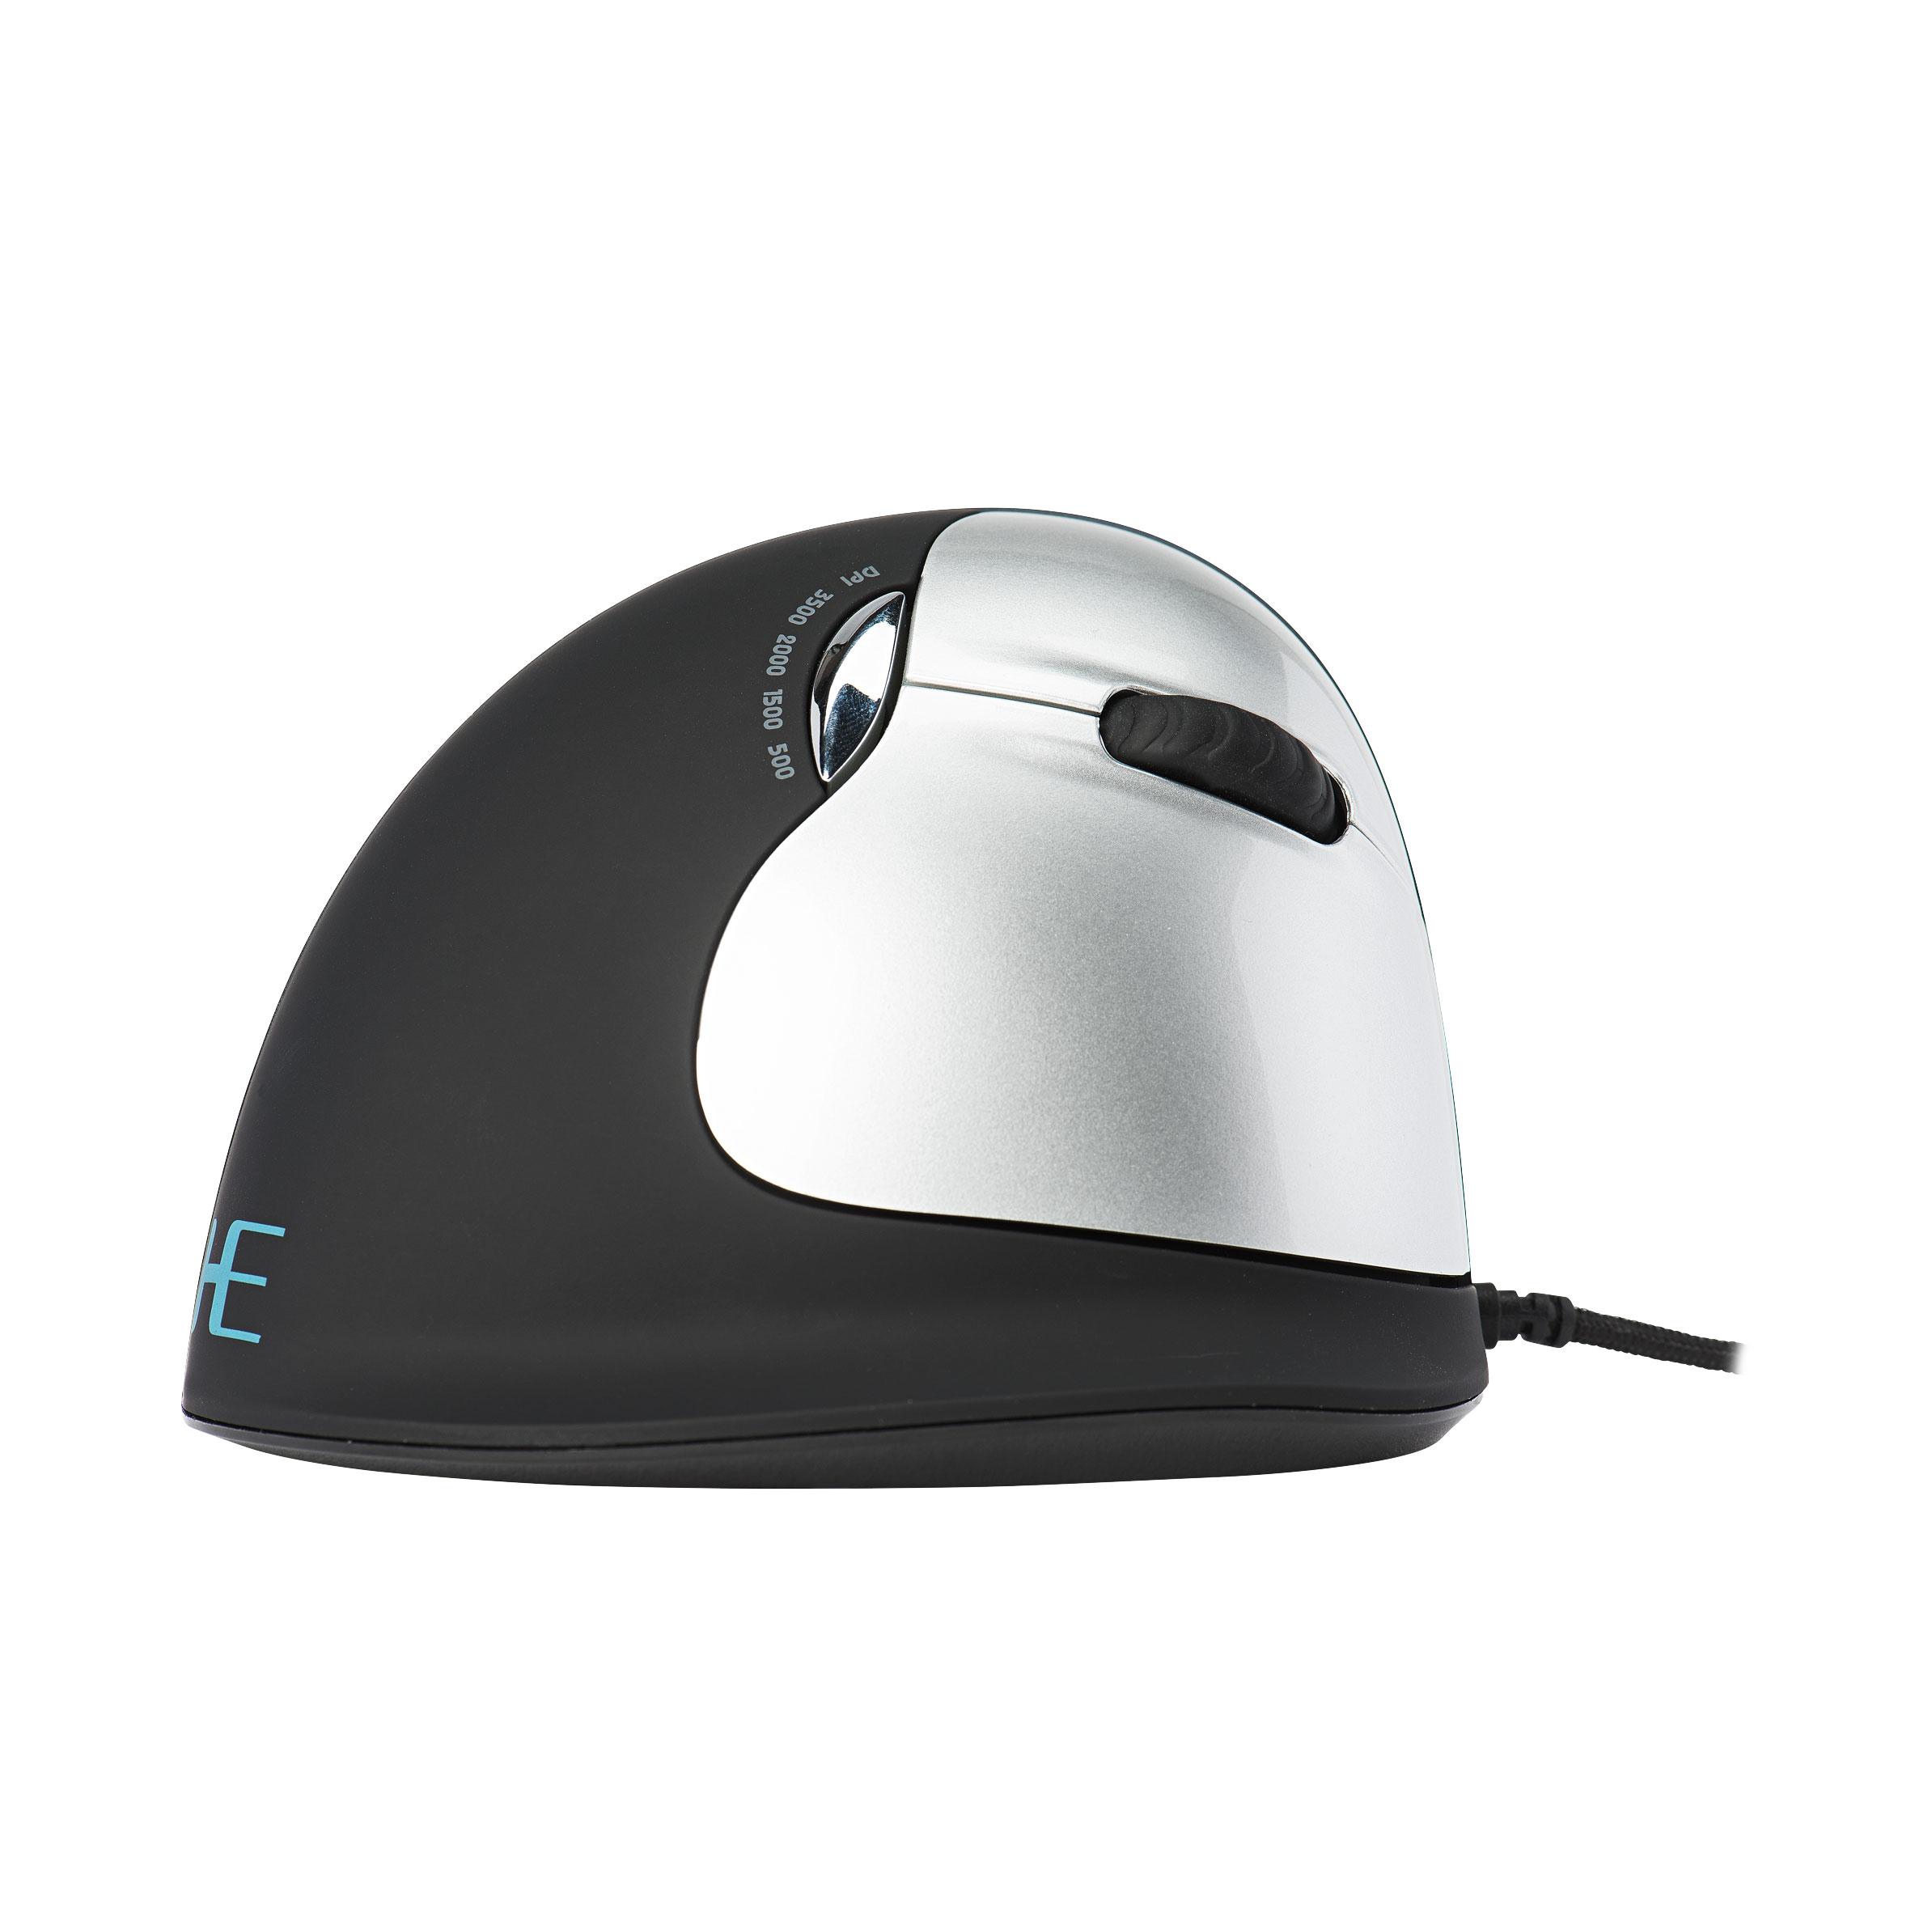 R-Go HE Mouse, Ergonomische muis, groot, rechtshandig, bedraad